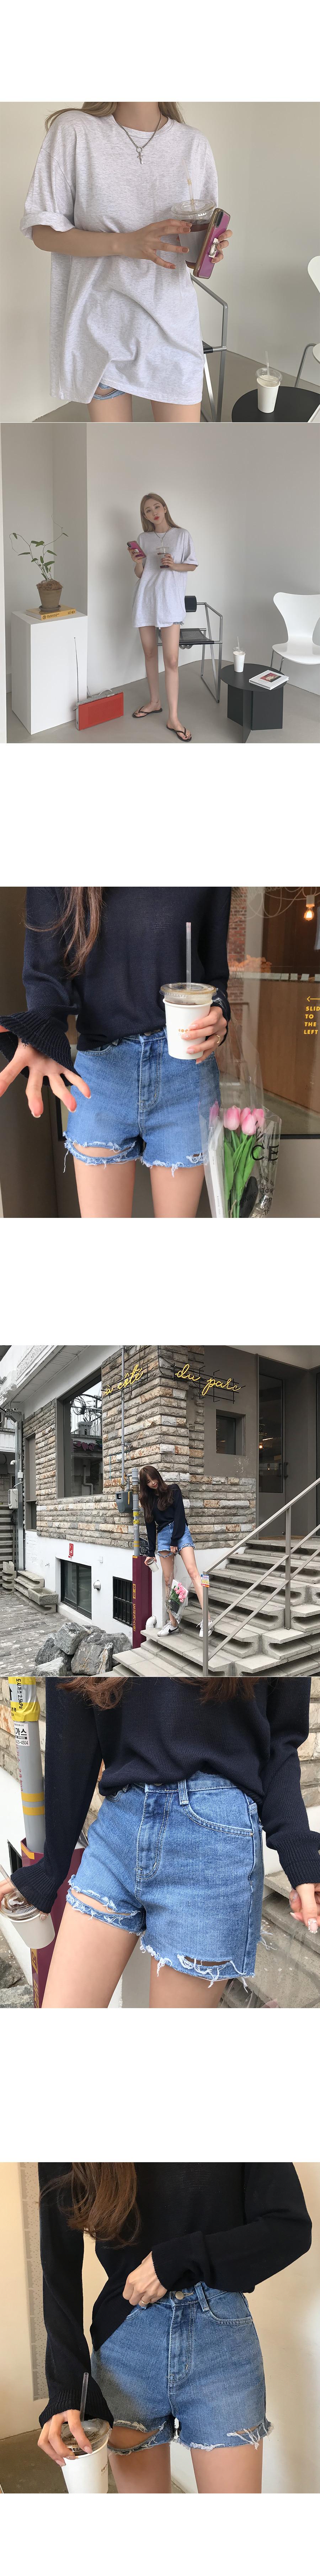 TaoTime denim shorts